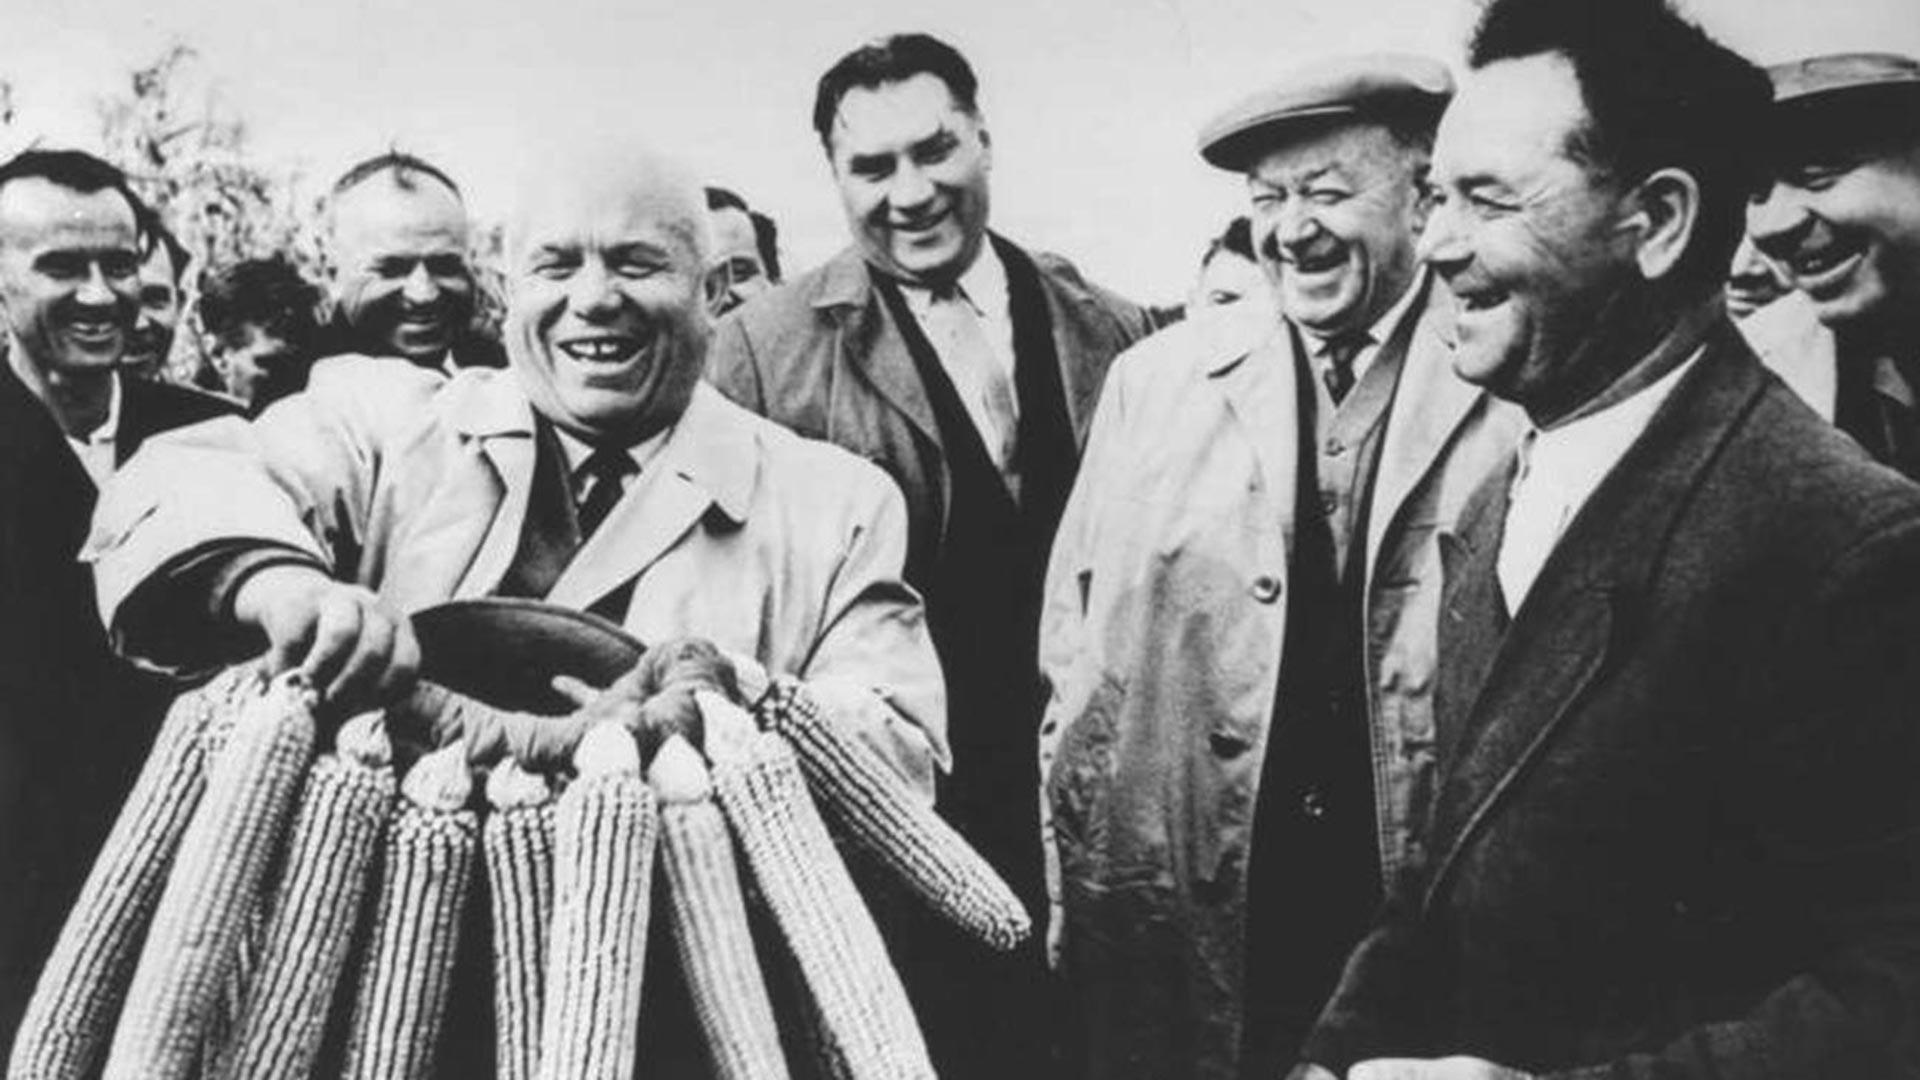 Prvi obisk Nikite Hruščova v ZDA.